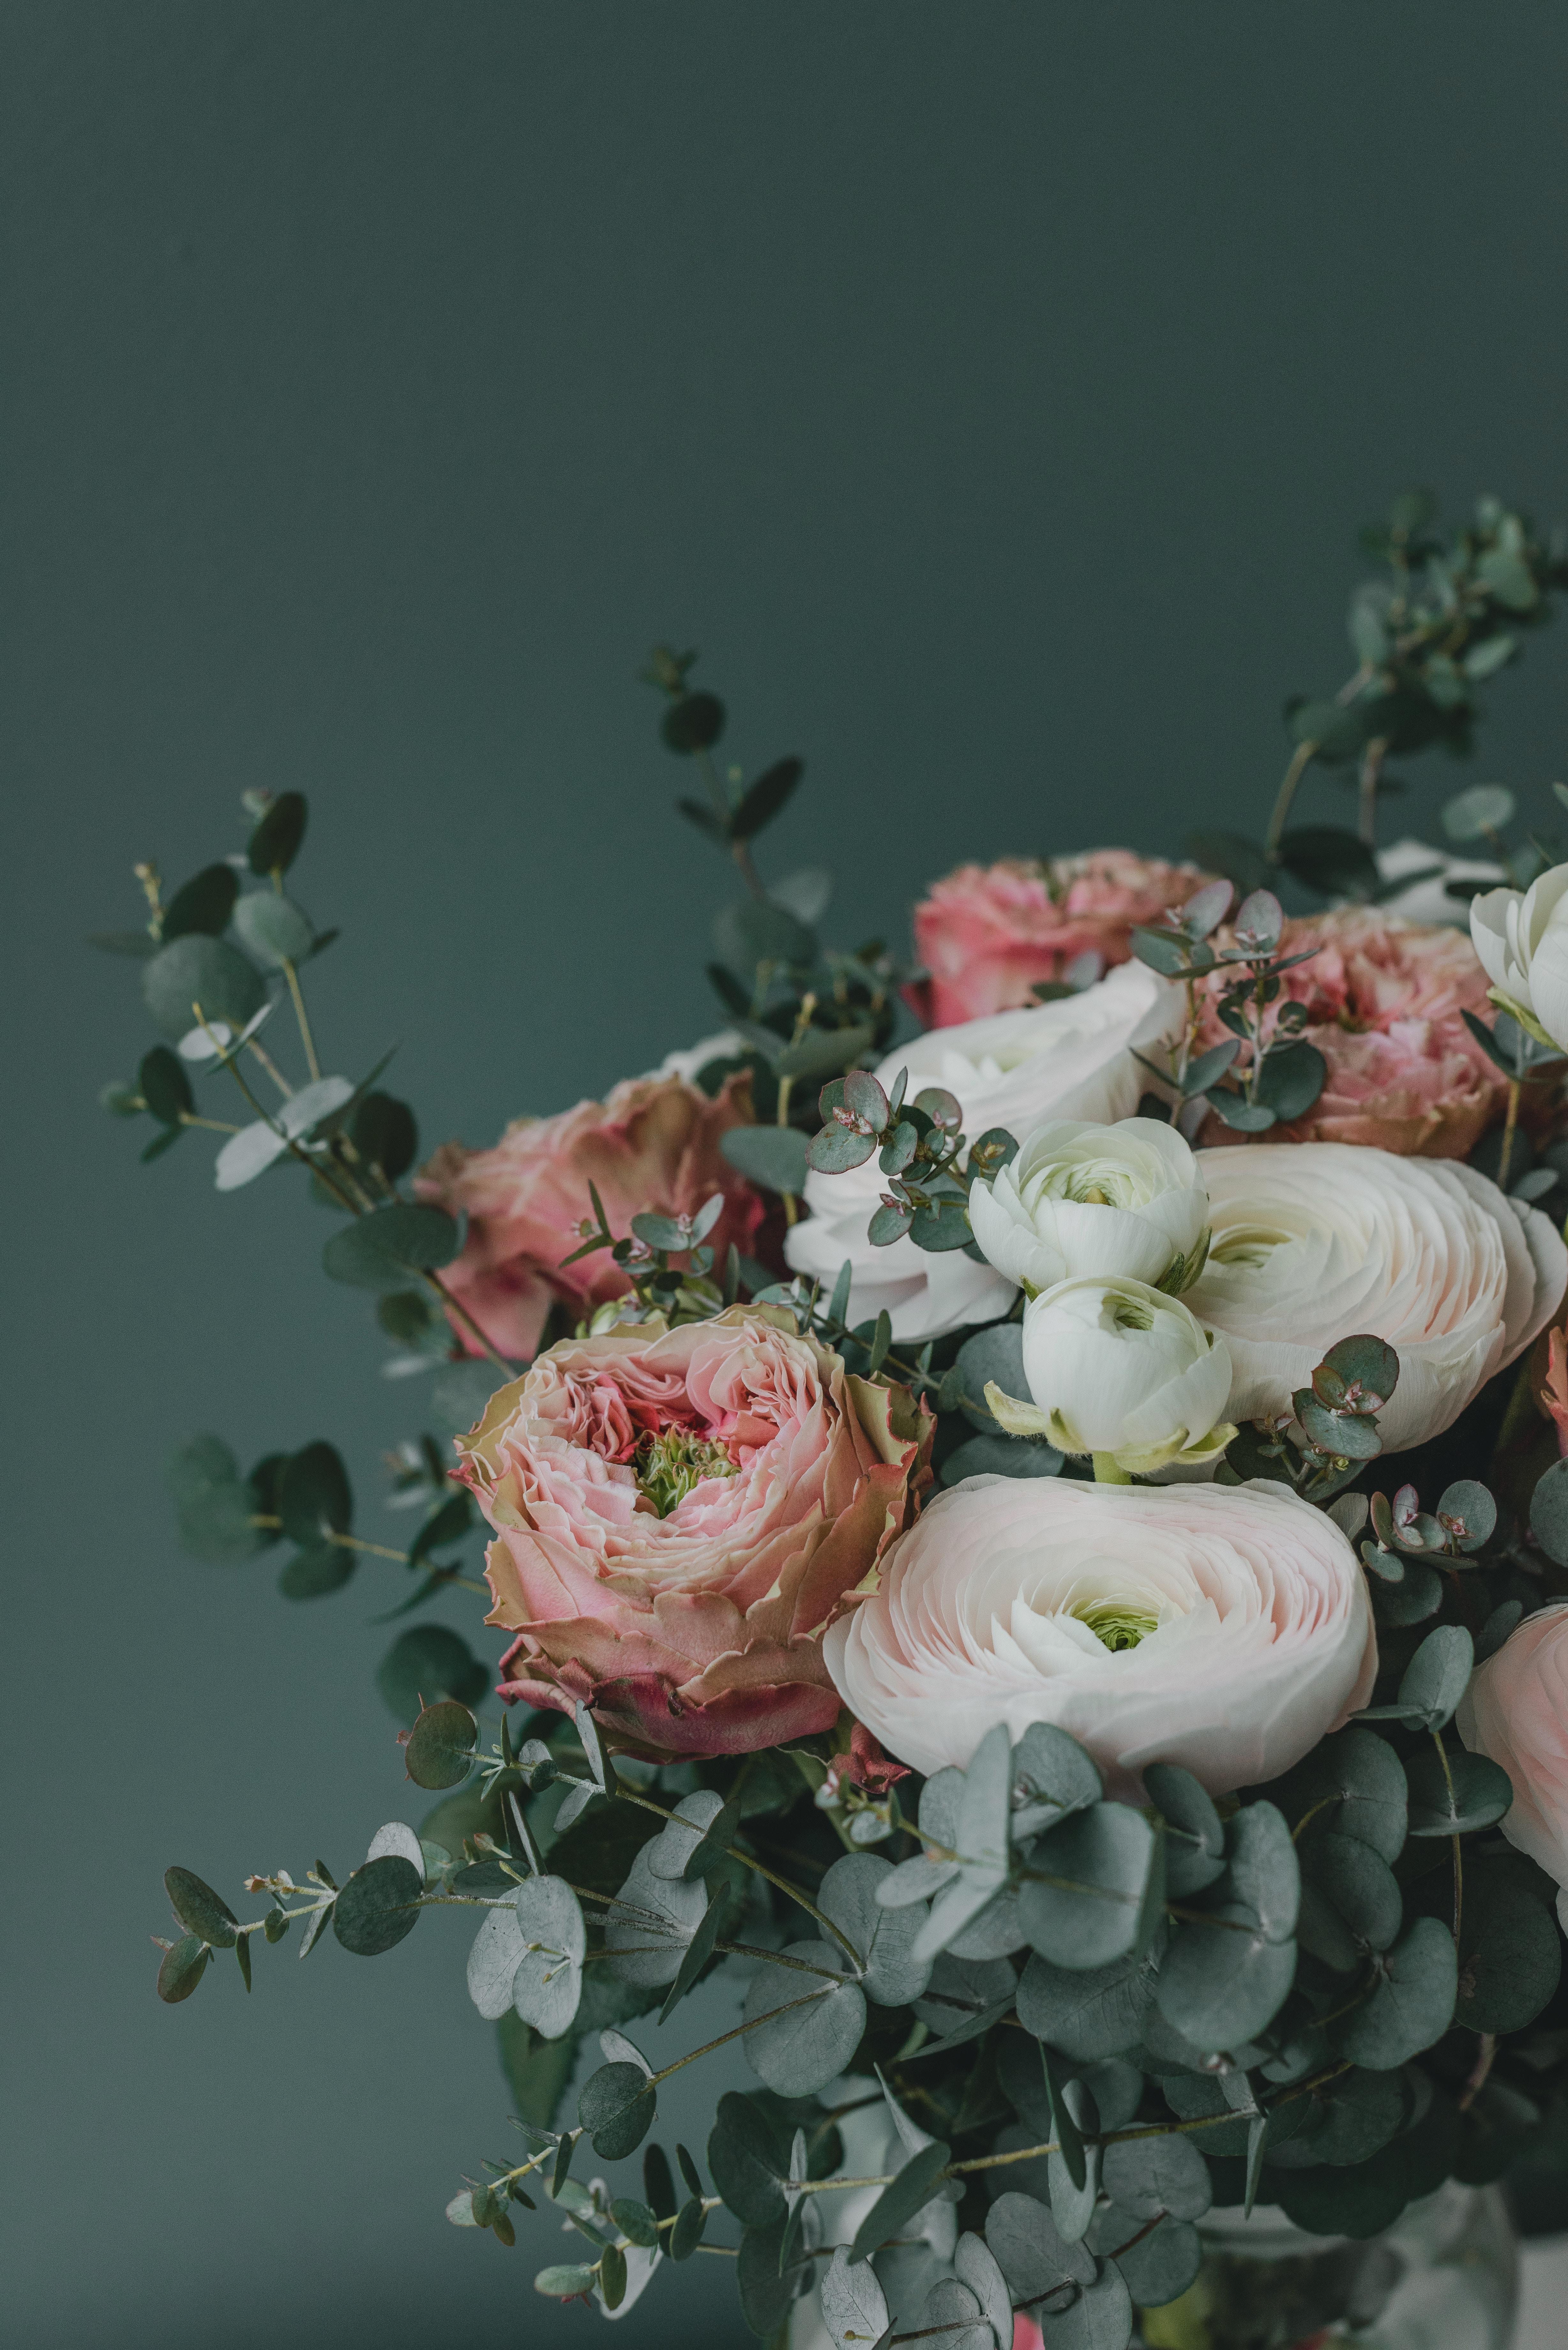 153435 Hintergrundbild herunterladen Blumen, Anmeldung, Typografie, Strauß, Bouquet, Komposition, Zusammensetzung - Bildschirmschoner und Bilder kostenlos